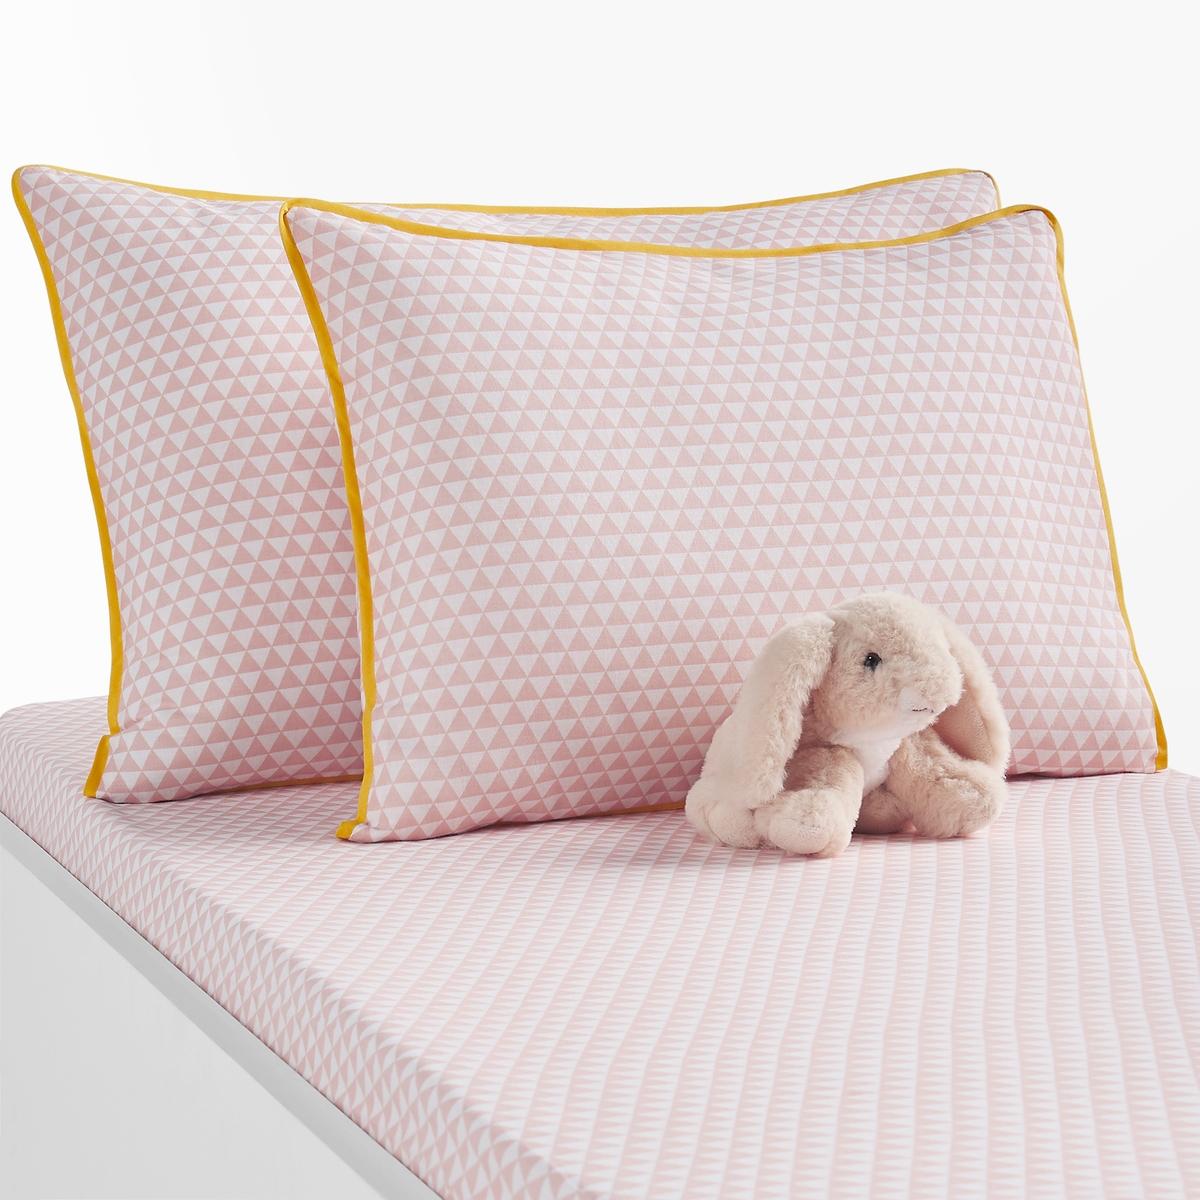 Наволочка La Redoute Детская из хлопка Scandinave 35 x 45 см розовый наволочка детская из хлопка melusine